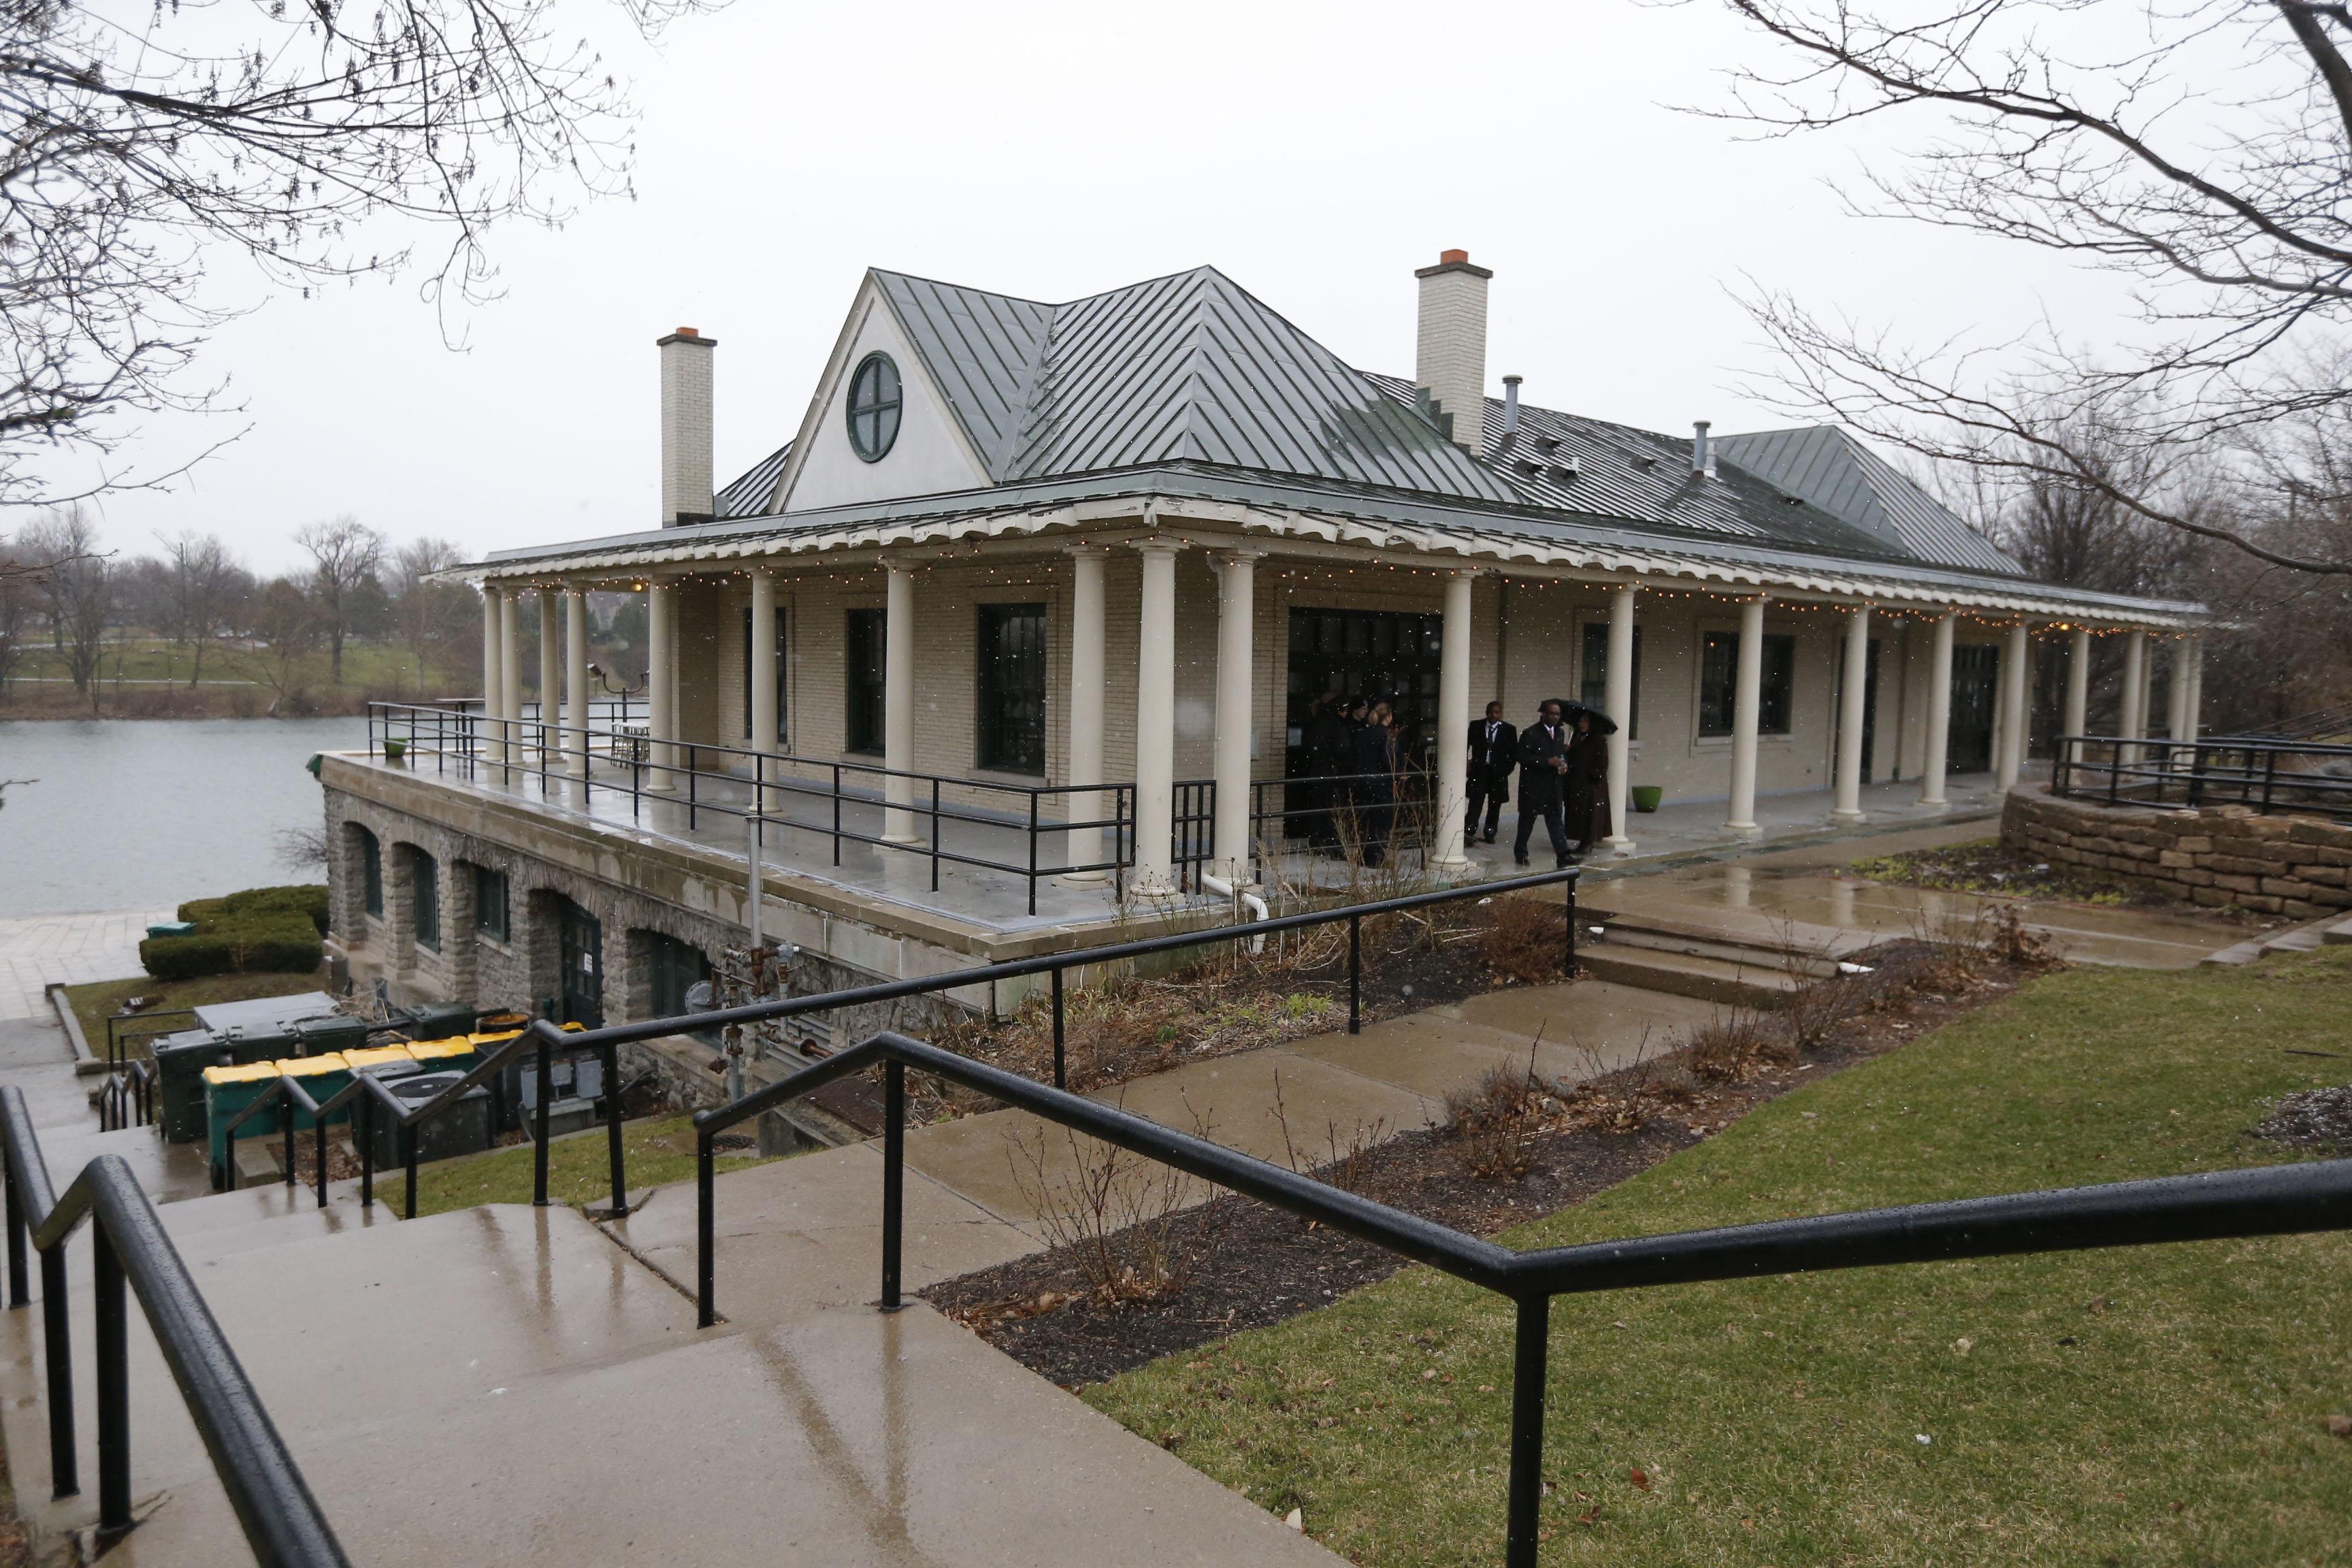 The Terrace @ Delaware Park restaurant opened Thursday in the Marcy Casino at Delaware Park. (Robert Kirkham/Buffalo News)